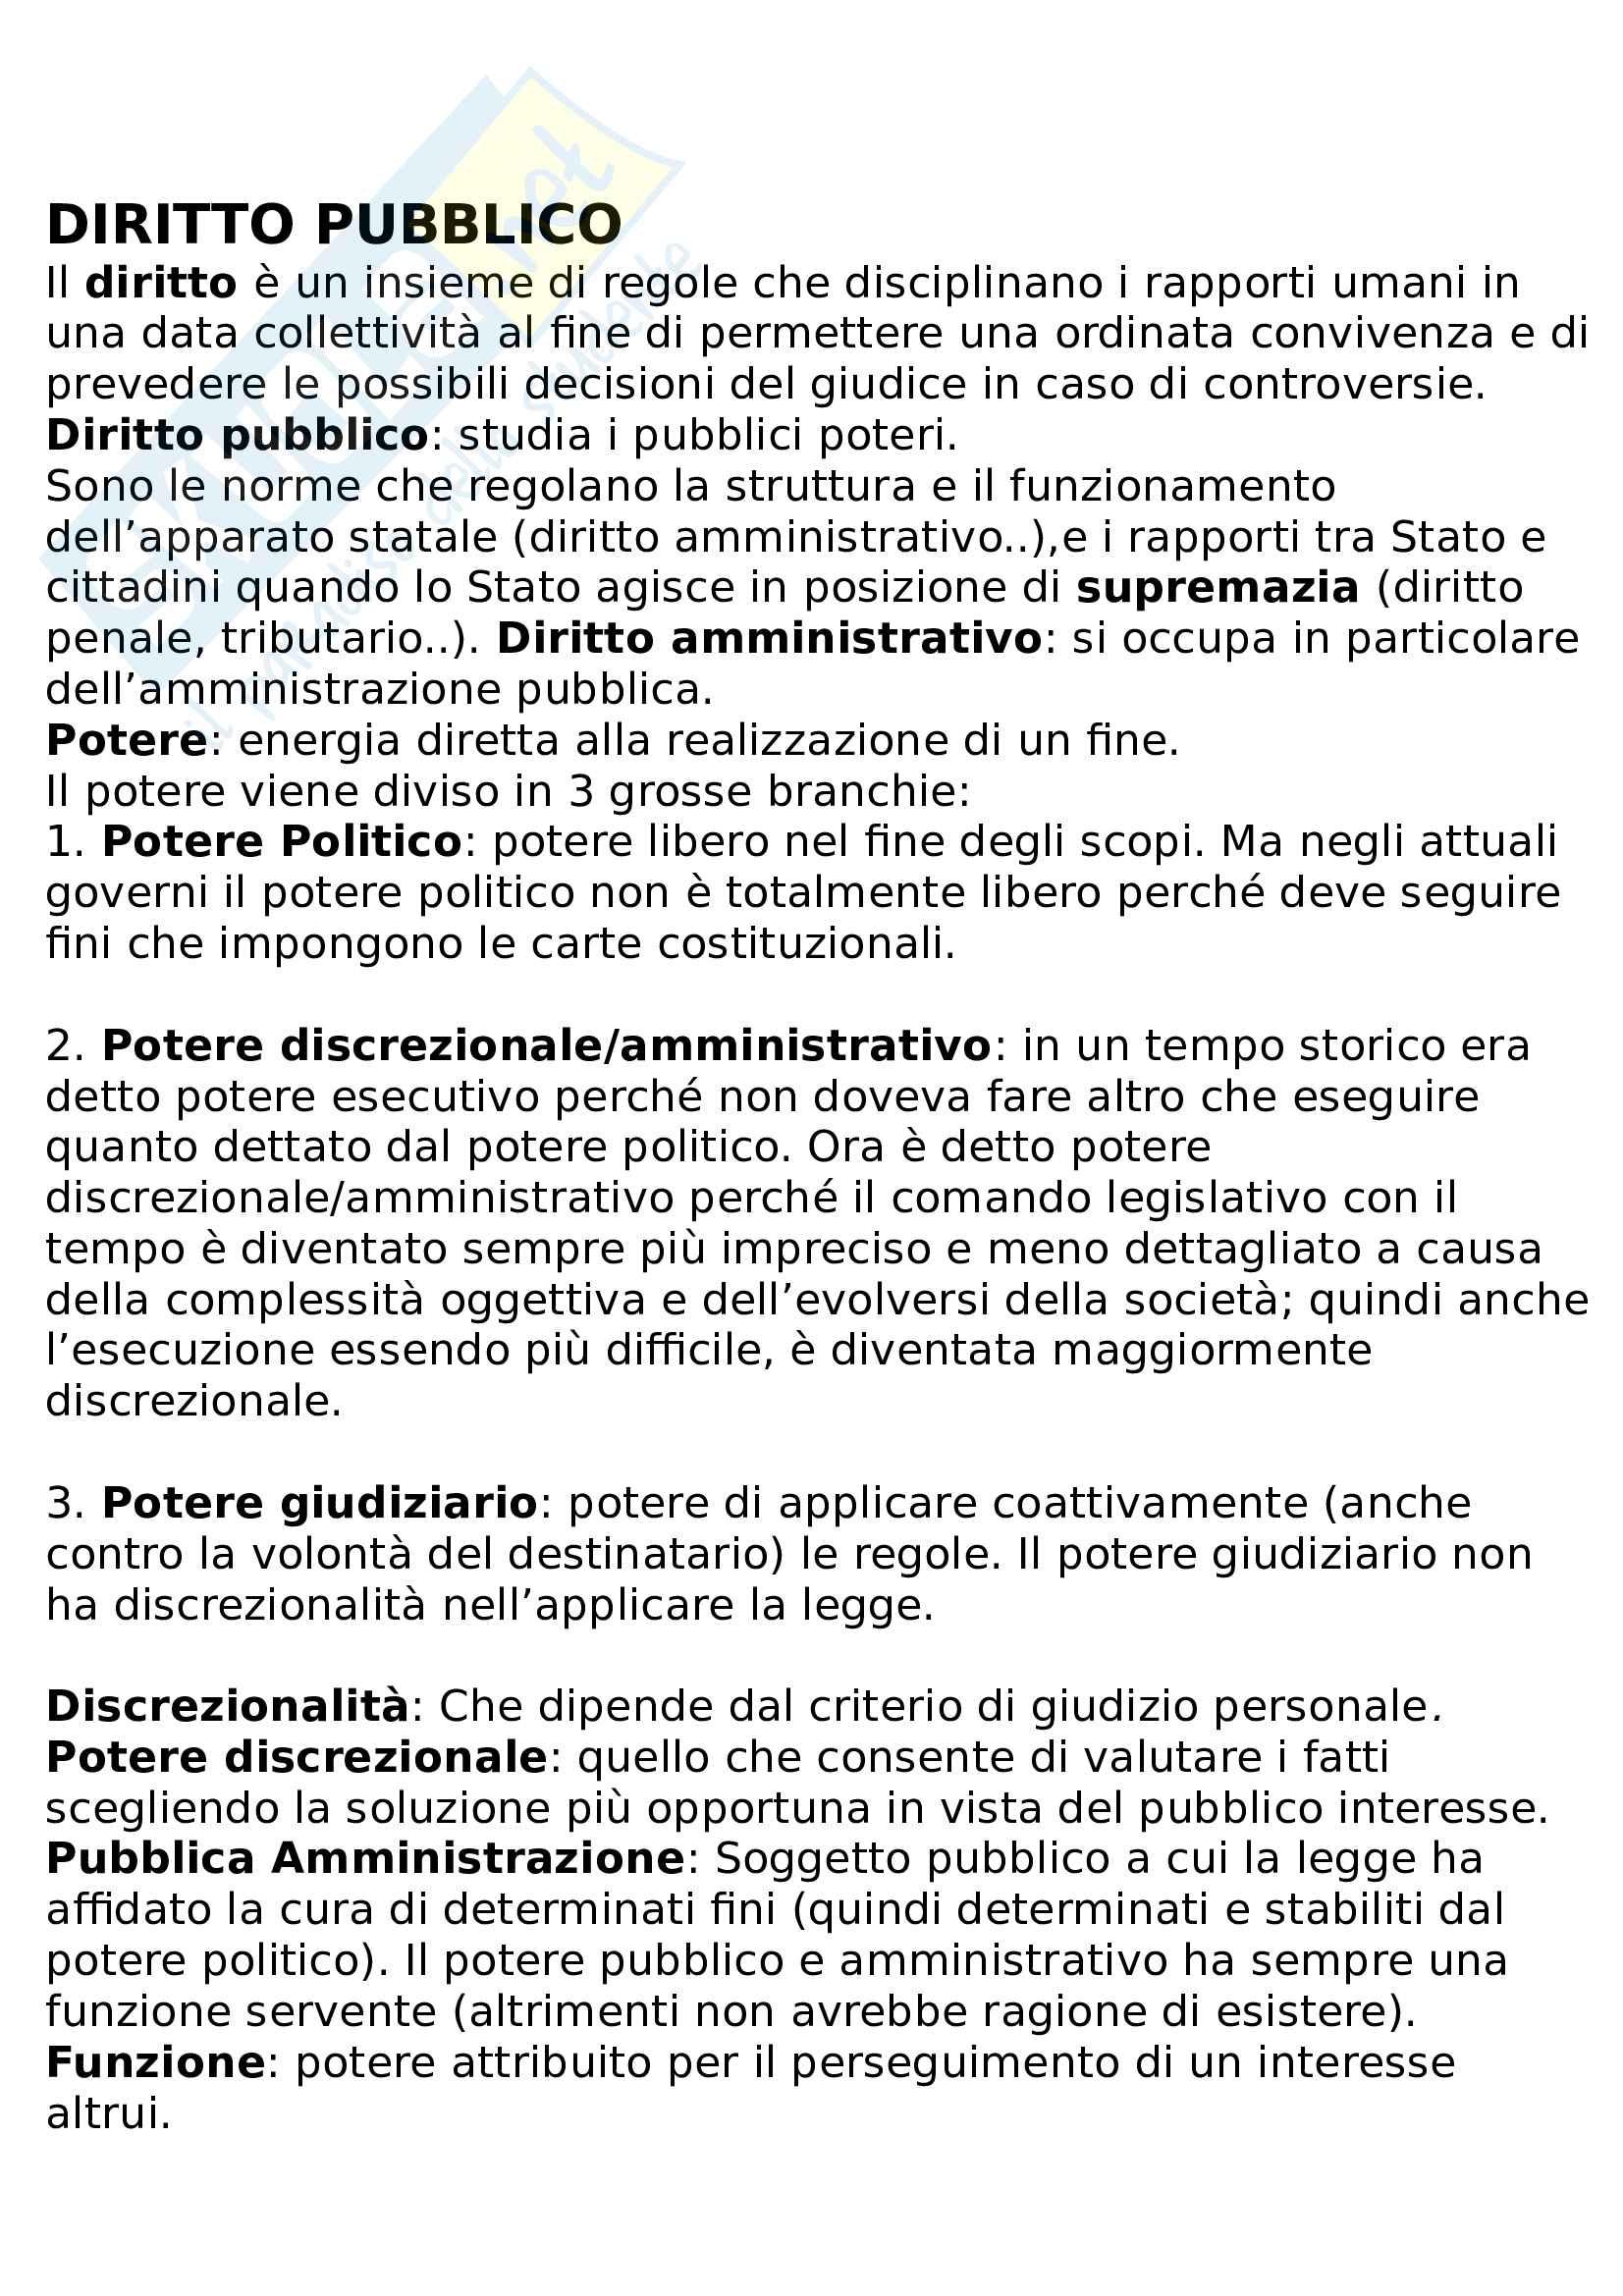 Riassunto diritto pubblico e amministrativo